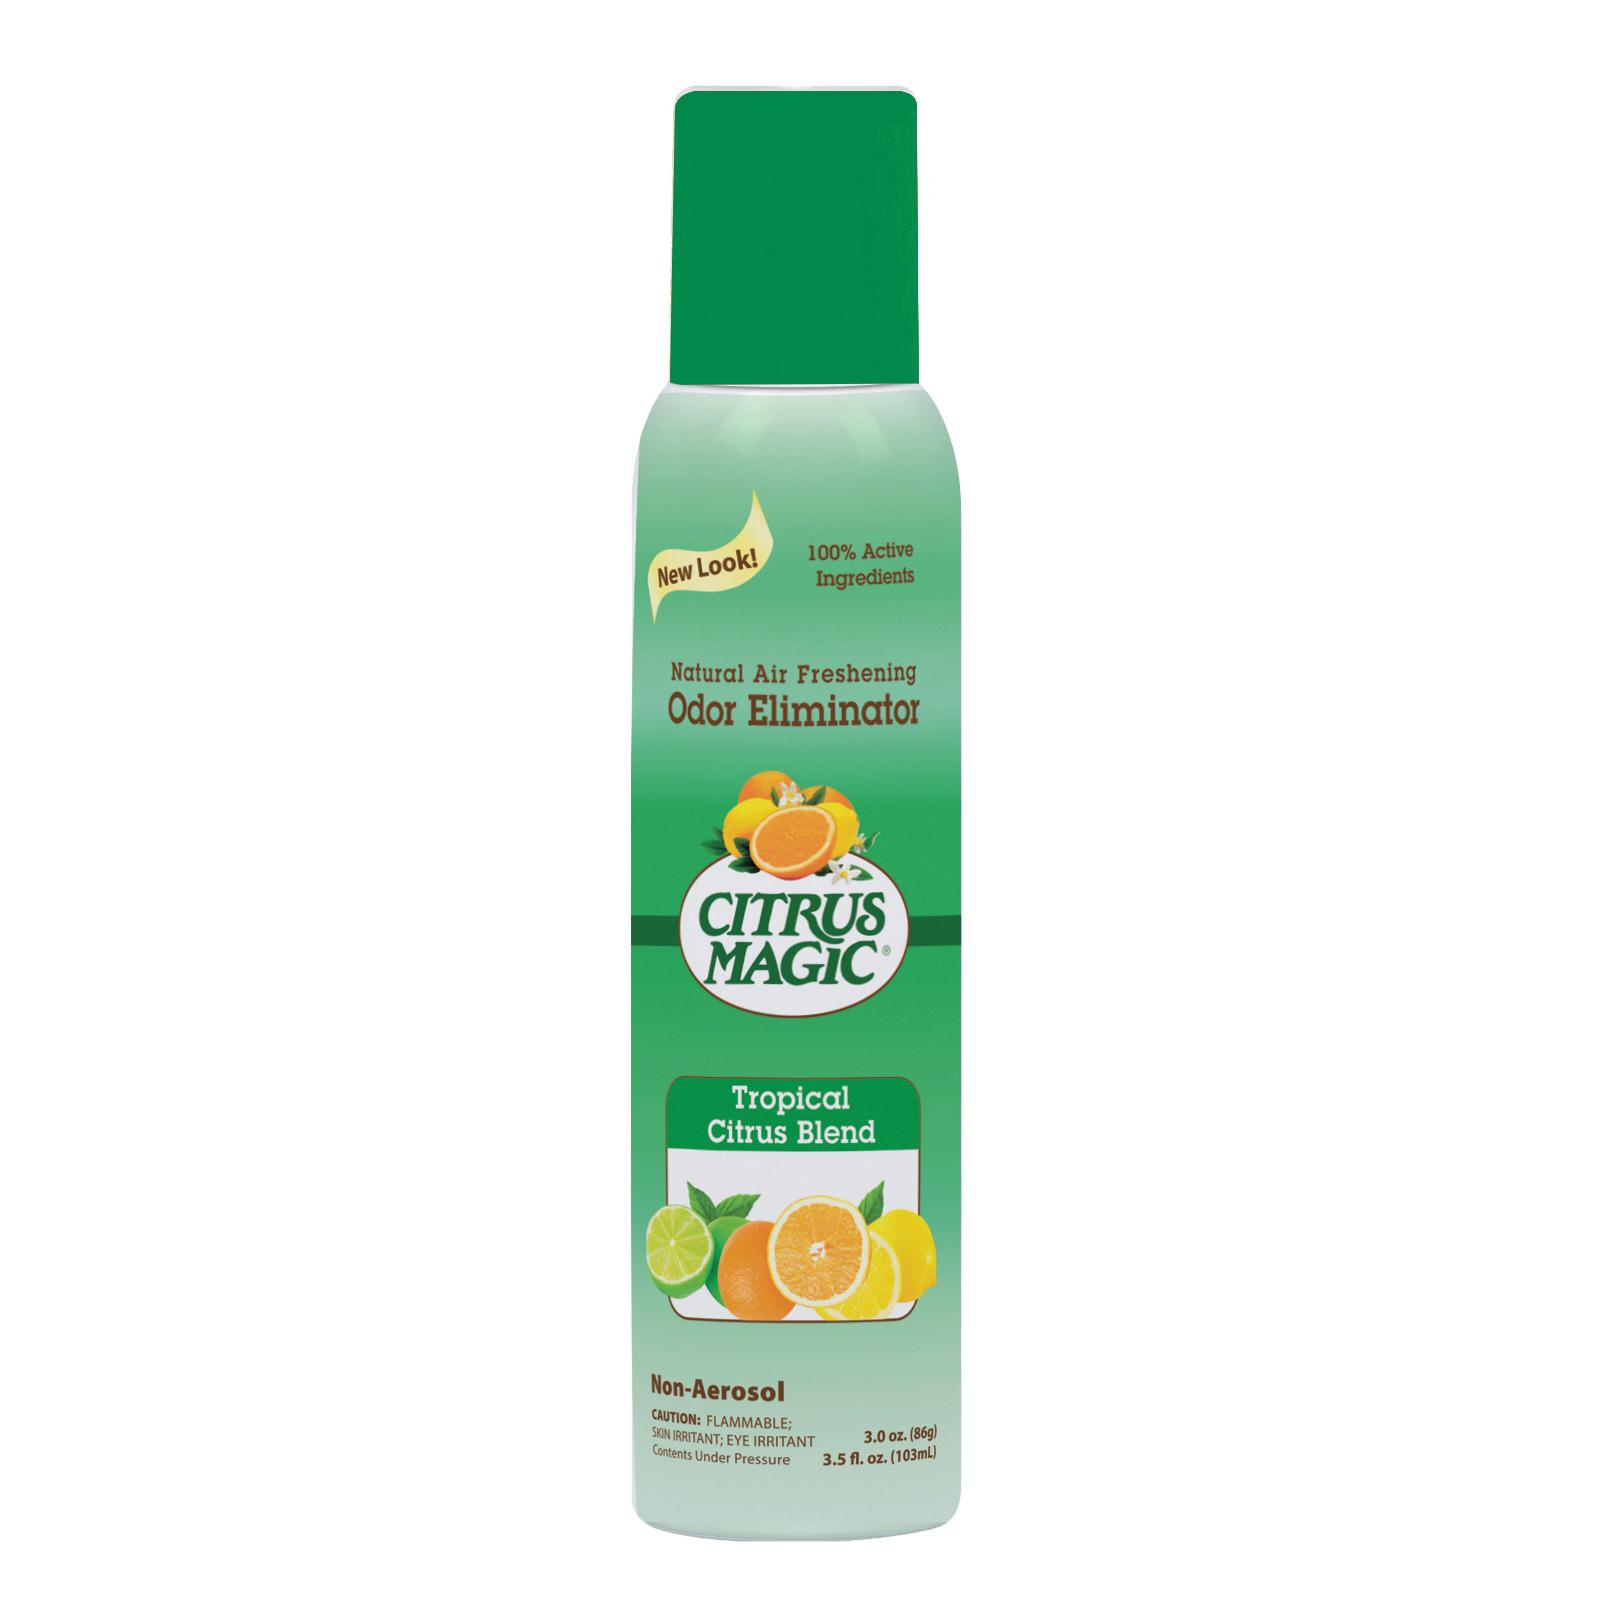 Citrus Magic 612172867